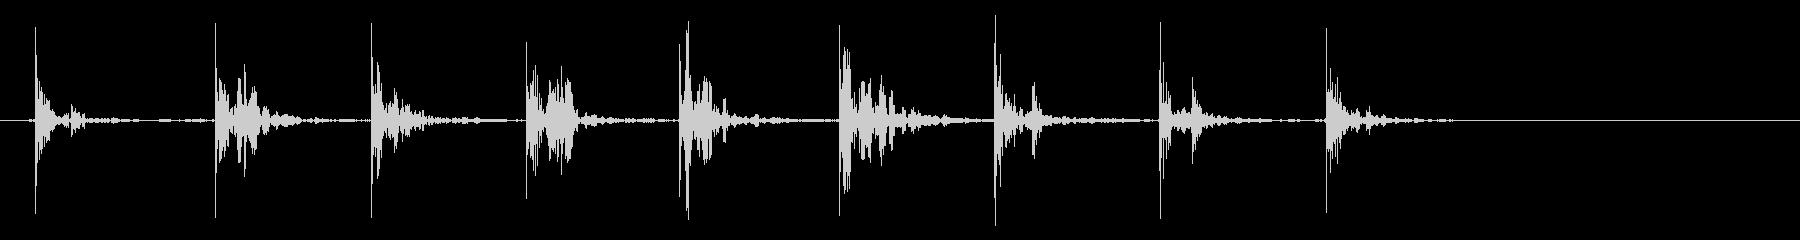 メンズレザーソール:UP STAI...の未再生の波形